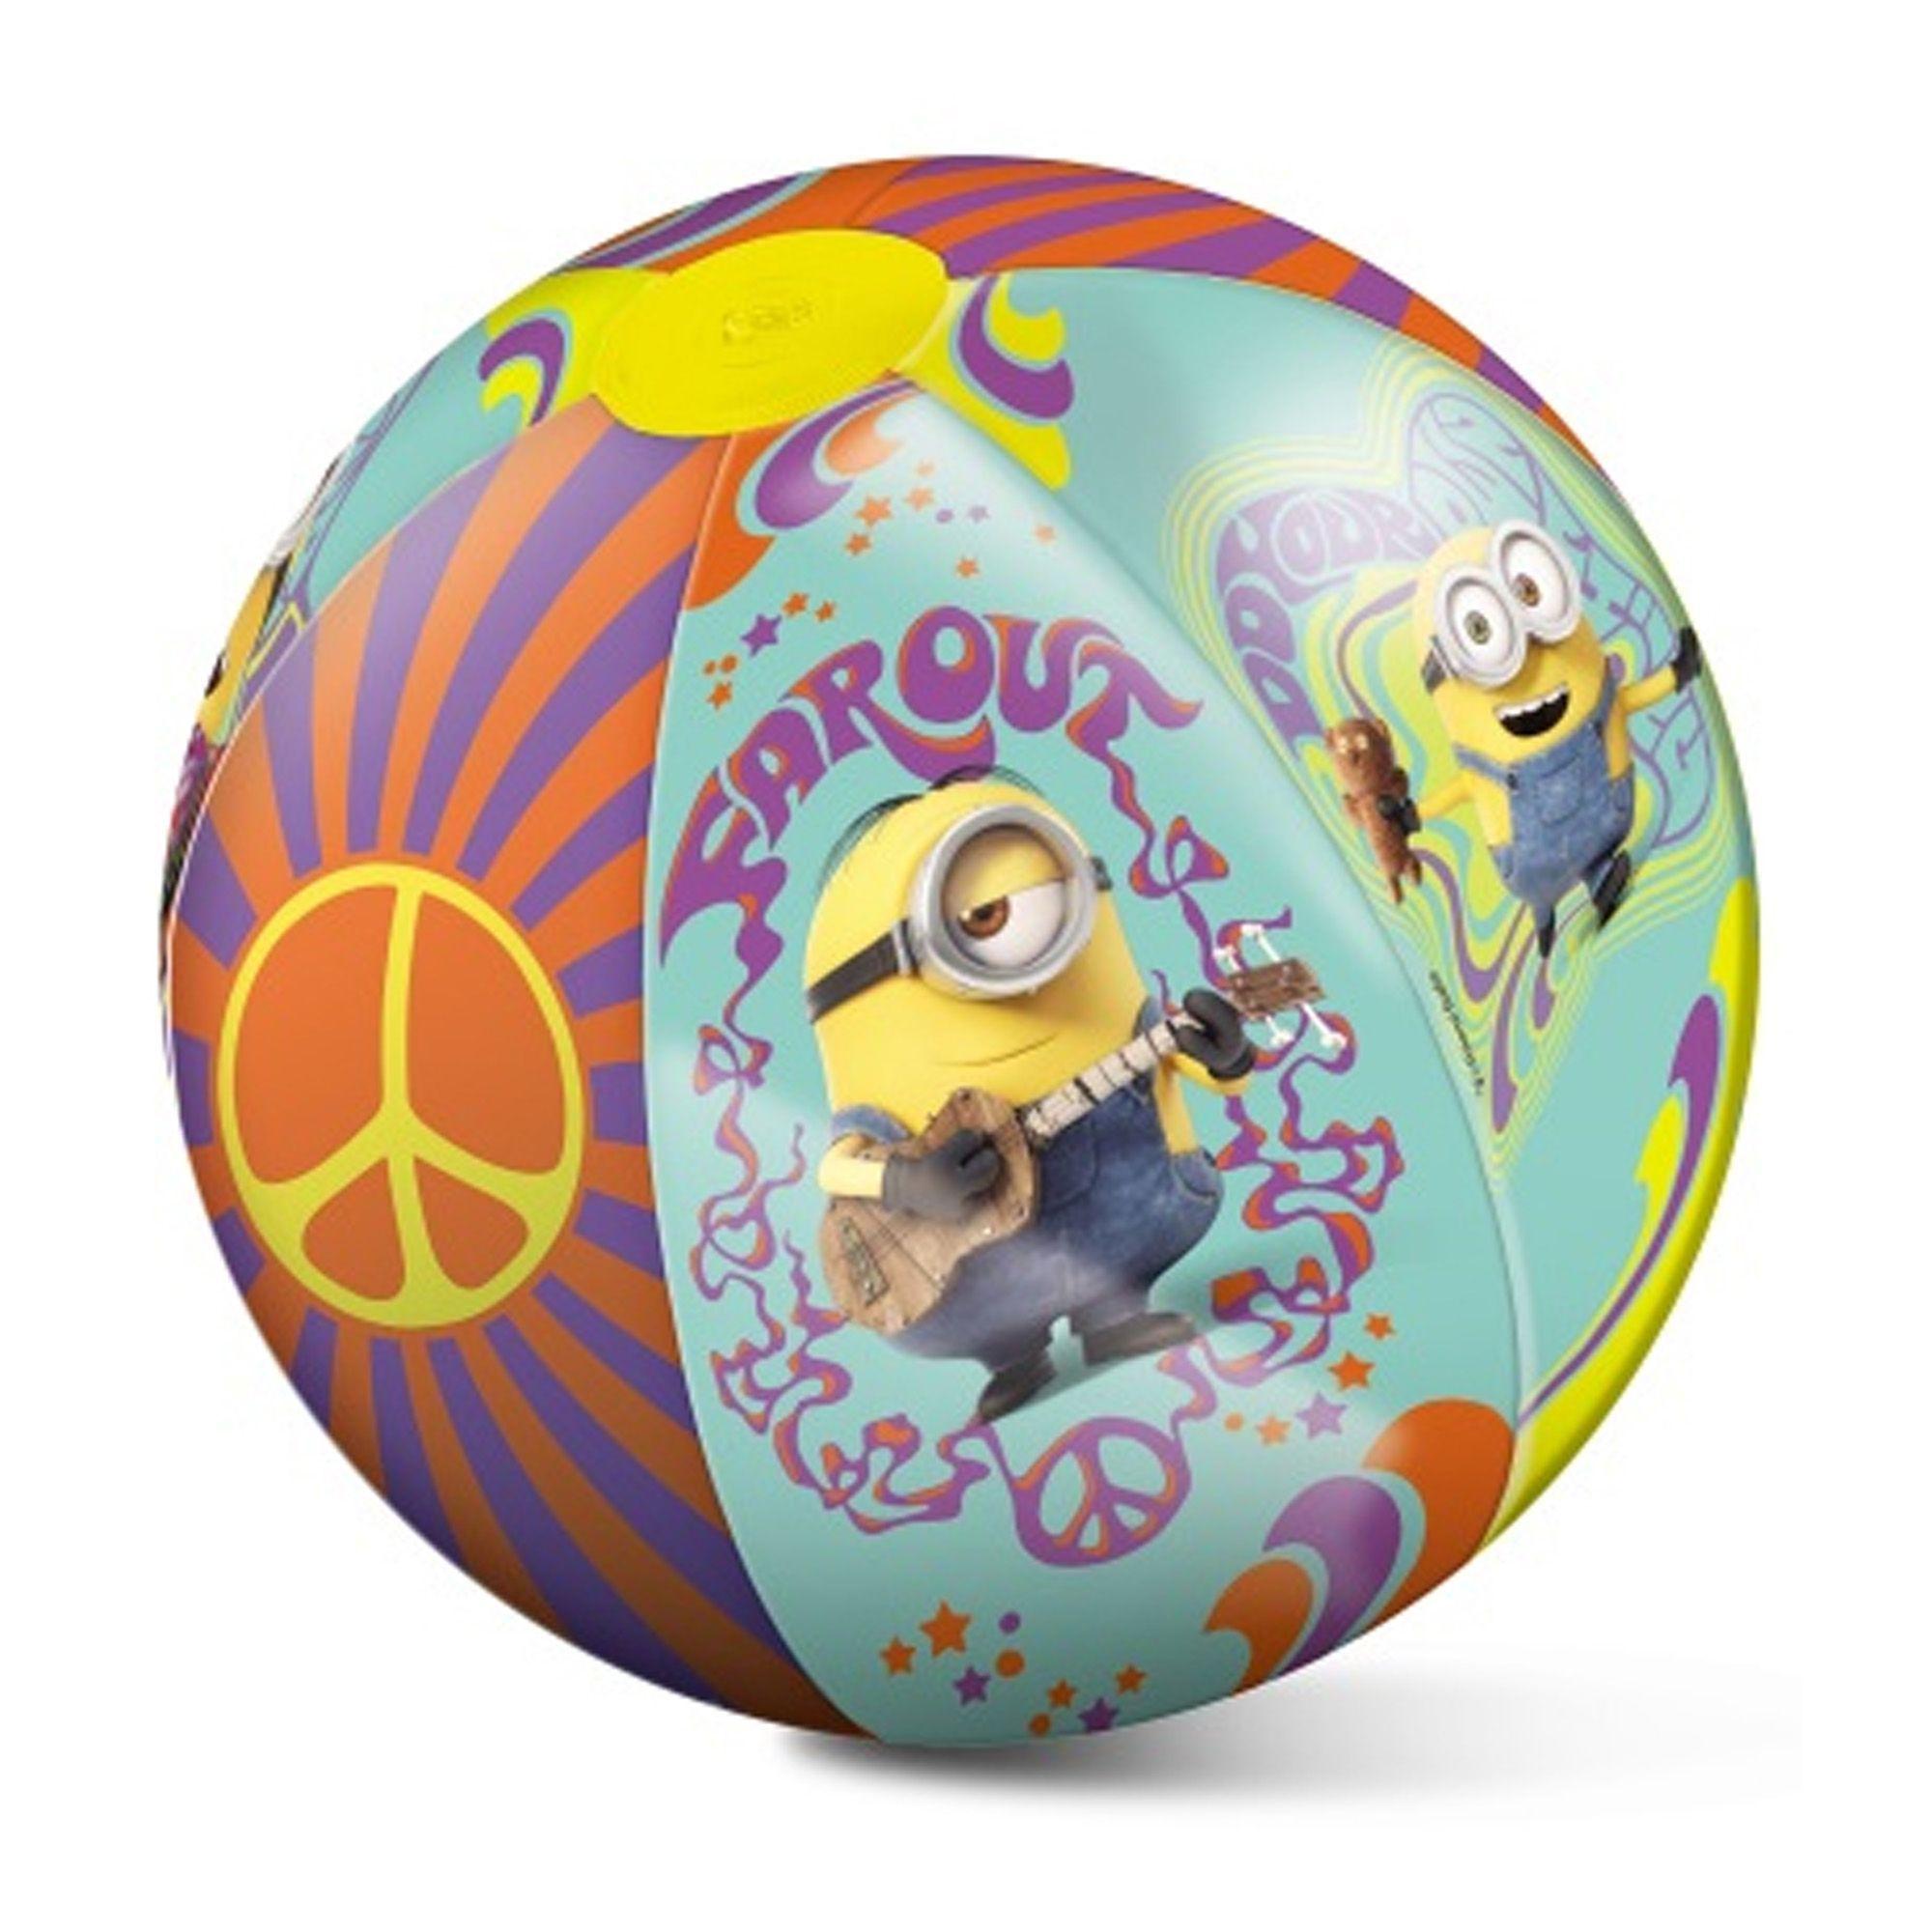 Mondo  Pallone Gonfiabile da Spiaggia Minions  50 cm